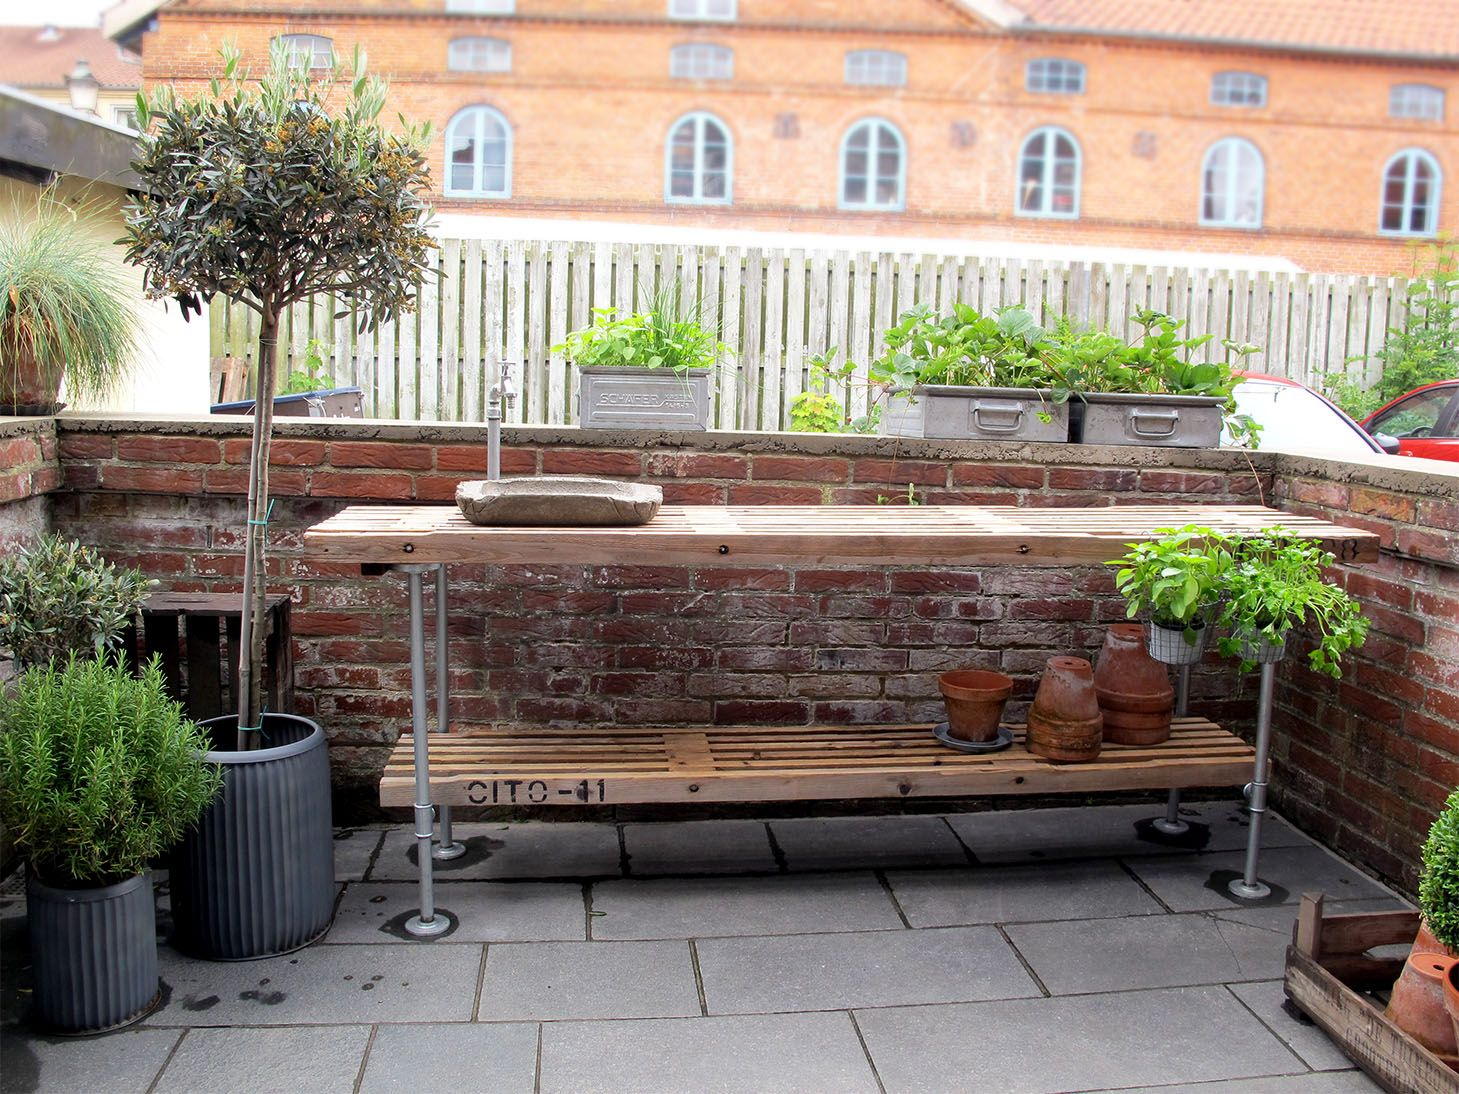 #9C6A2F Bedst Udekøkken Med Beton Vask Balcony/garden Pinterest Højbede Udendørs Og  Gør Det Selv Udekøkken 6263 145910946263